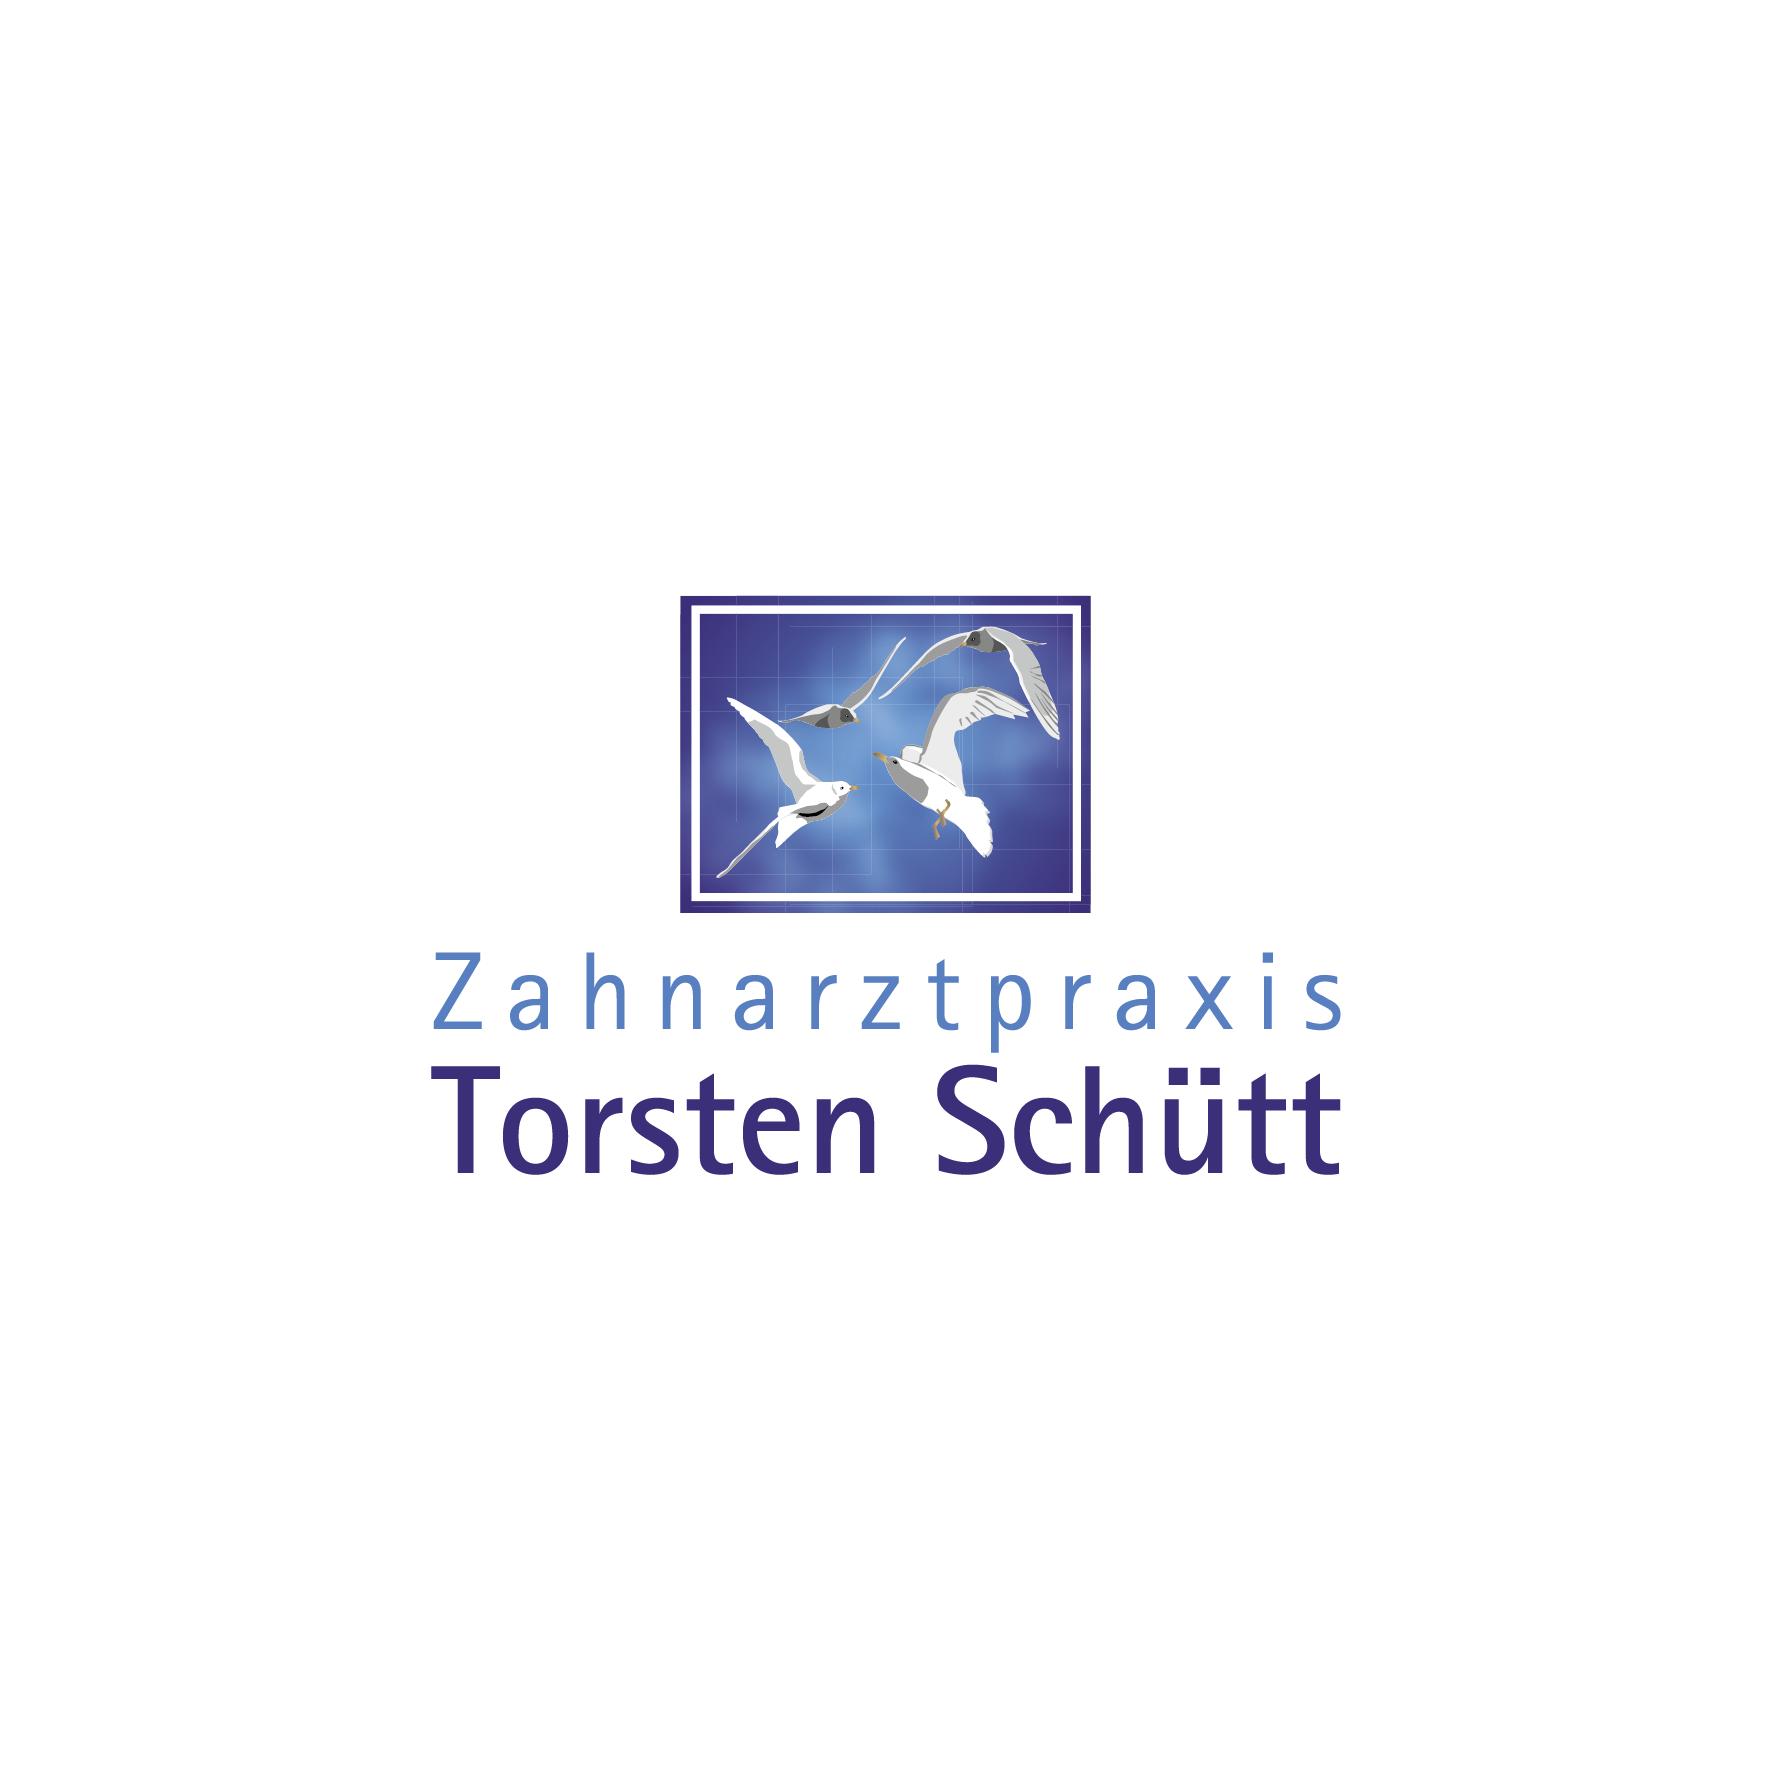 Bild zu Zahnarztpraxis Torsten Schütt in Stralsund